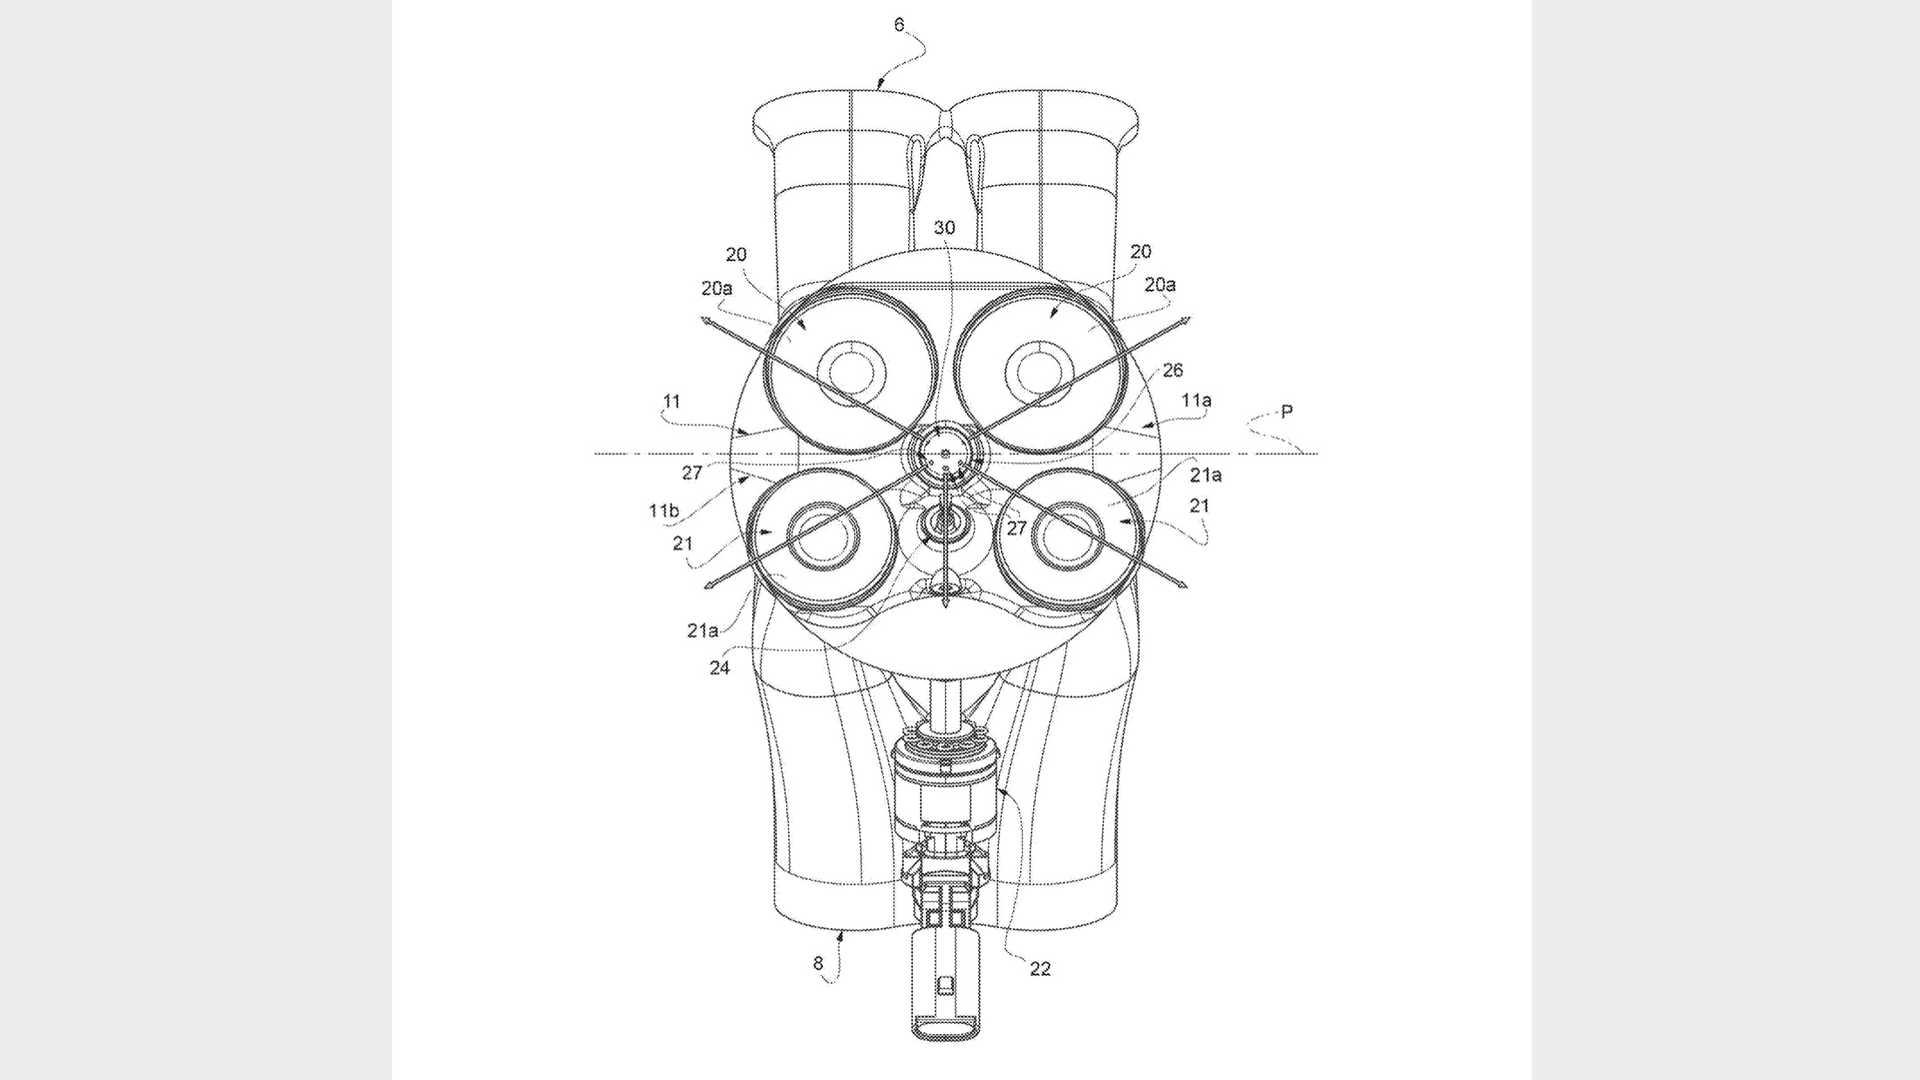 Ferrari-V12-engine-patent-6